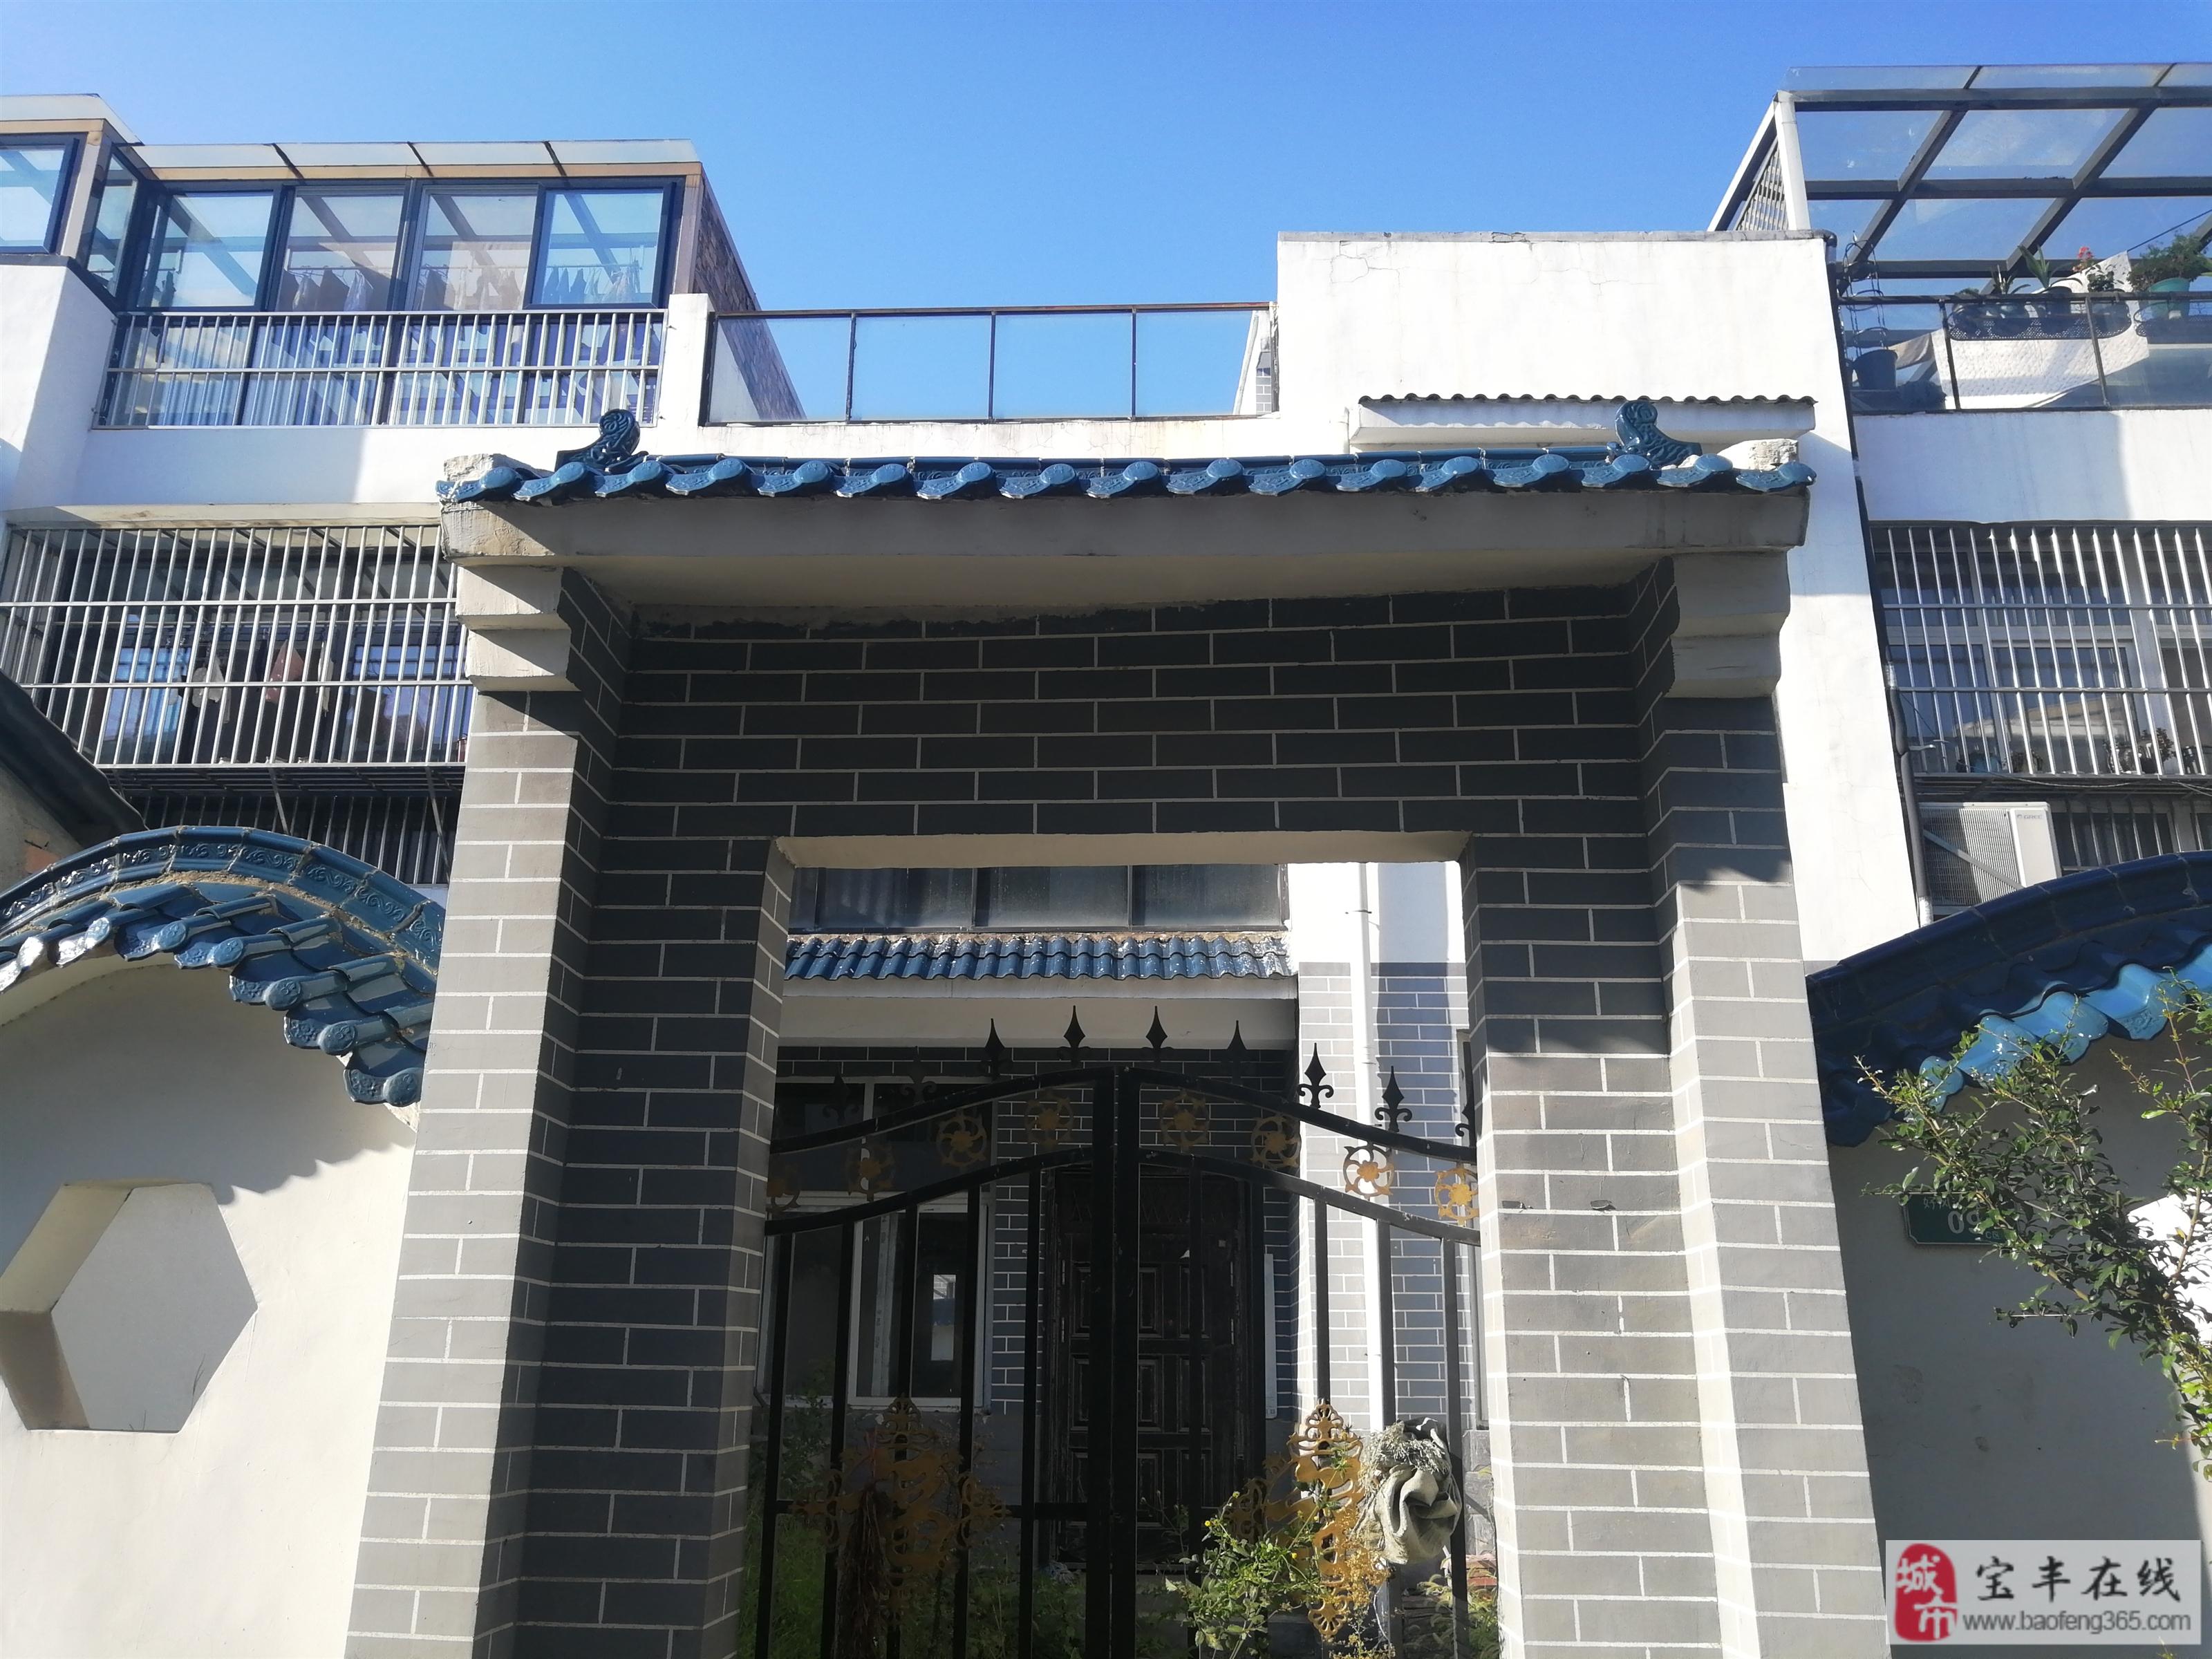 宝丰王子梦二层楼5室 3厅 2卫65万元